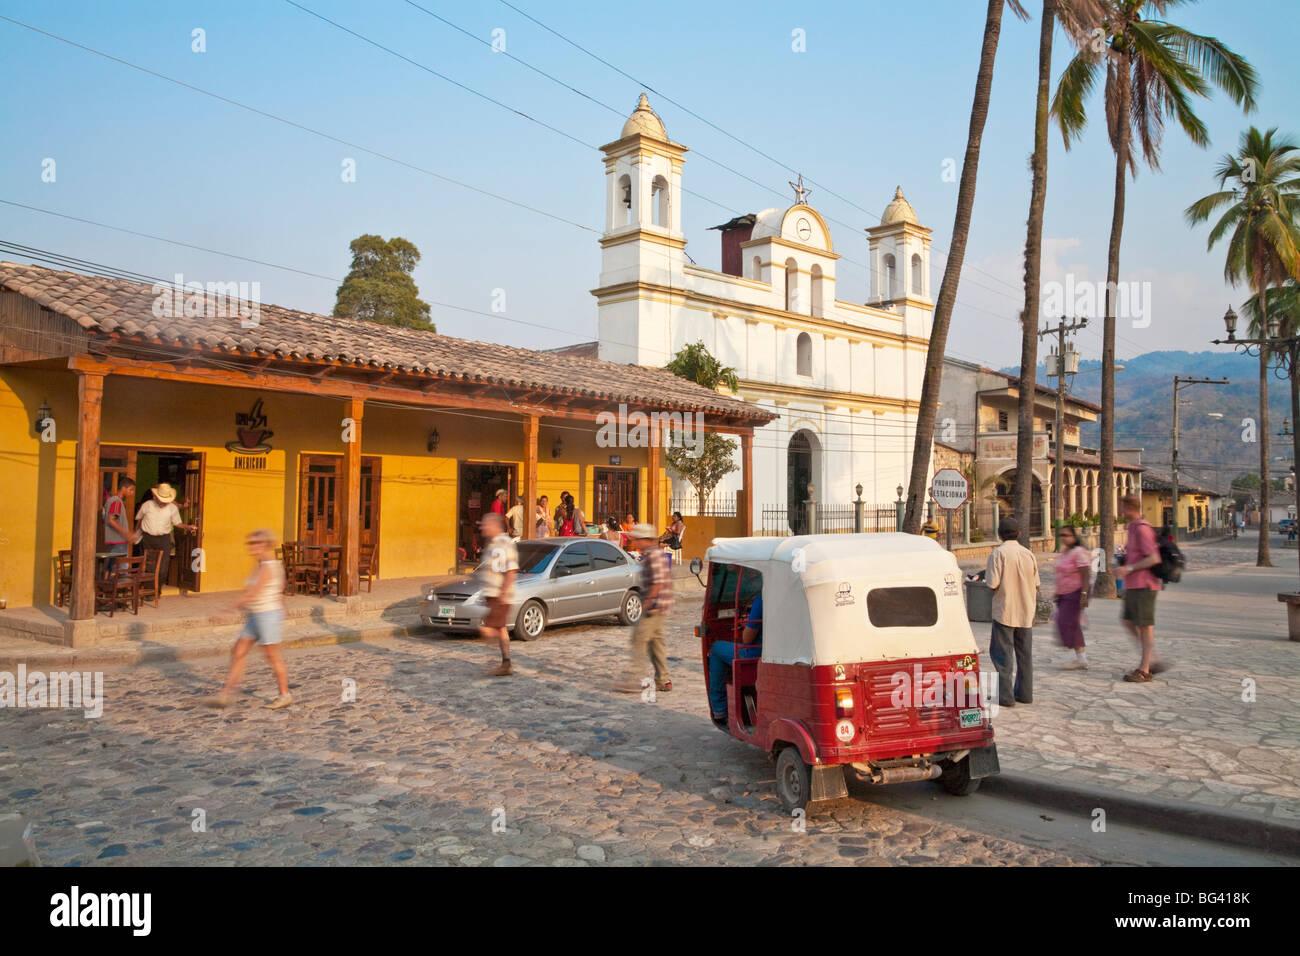 Honduras, Copan Ruinas, Parque Central - Stock Image